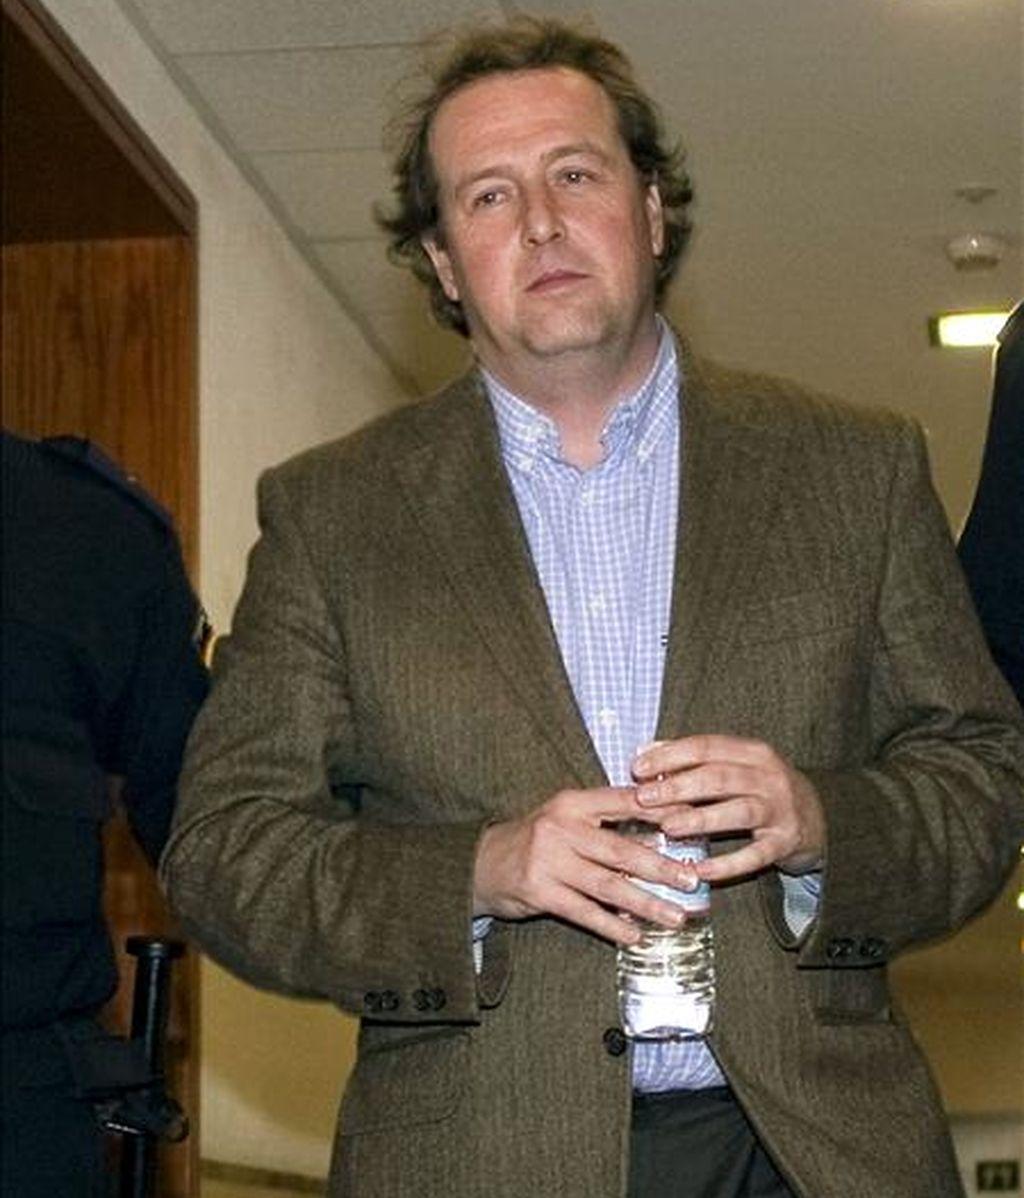 El ex conseller de Turismo por Unió Mallorquina (UM) Francesc Buils, detenido en la segunda fase del caso Voltor de supuesta corrupción. EFE/ Archivo